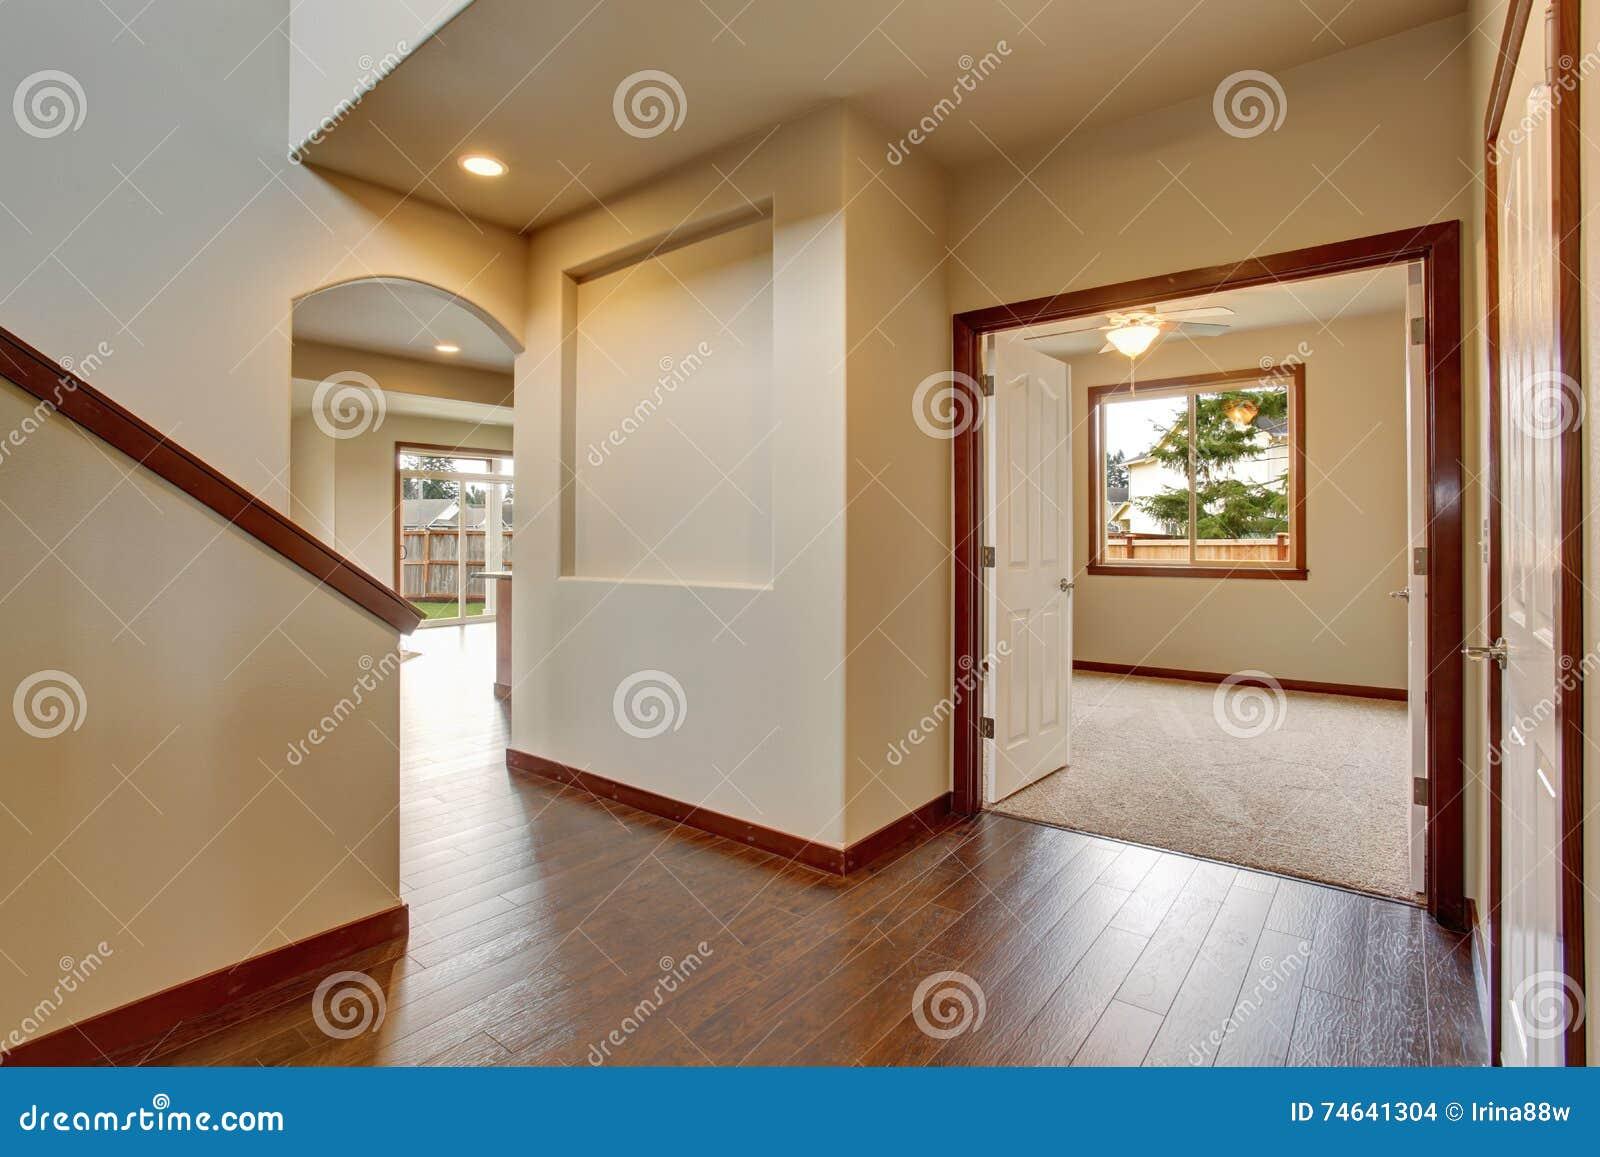 Lege gang met hardhoutvloer witte muren stock foto afbeelding